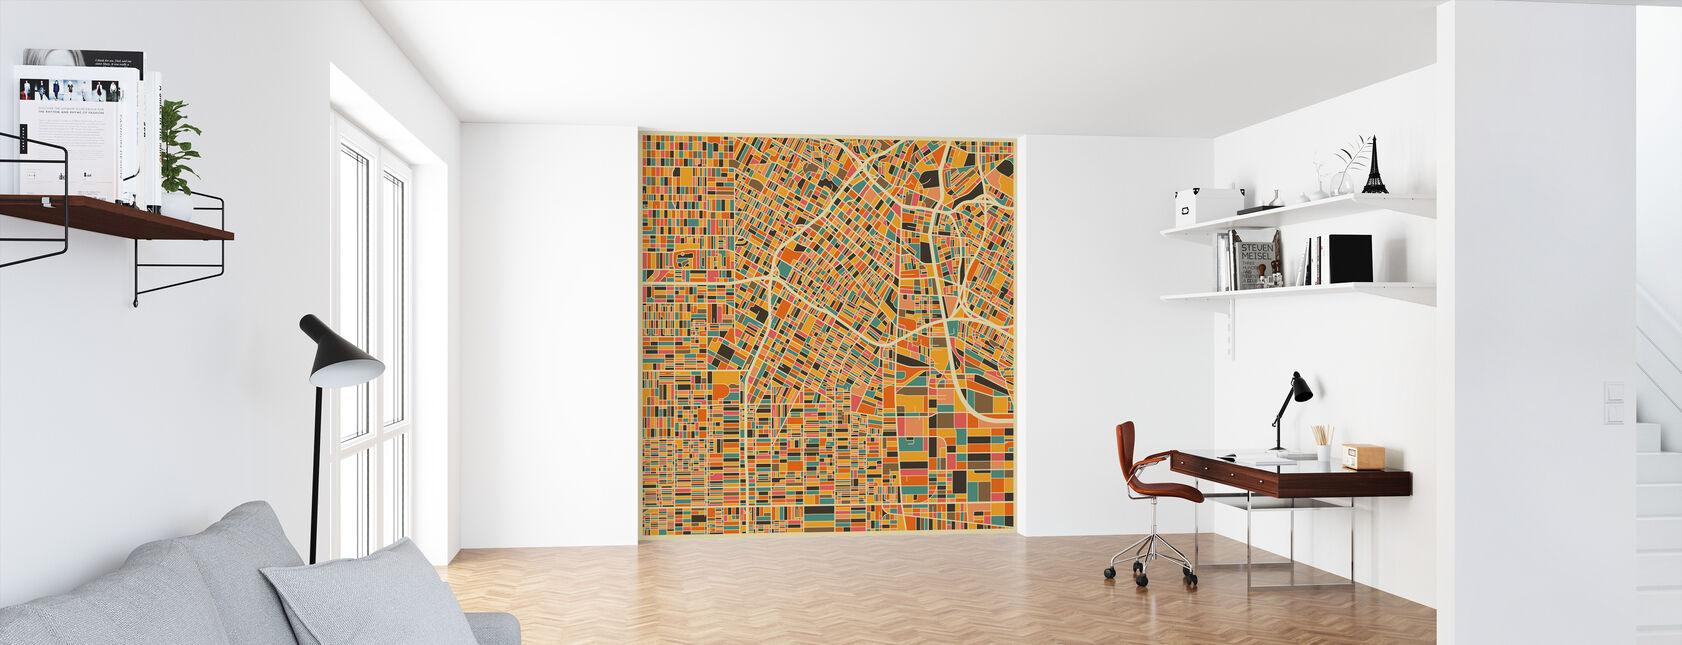 Multicolor Map - Los Angeles - Wallpaper - Office